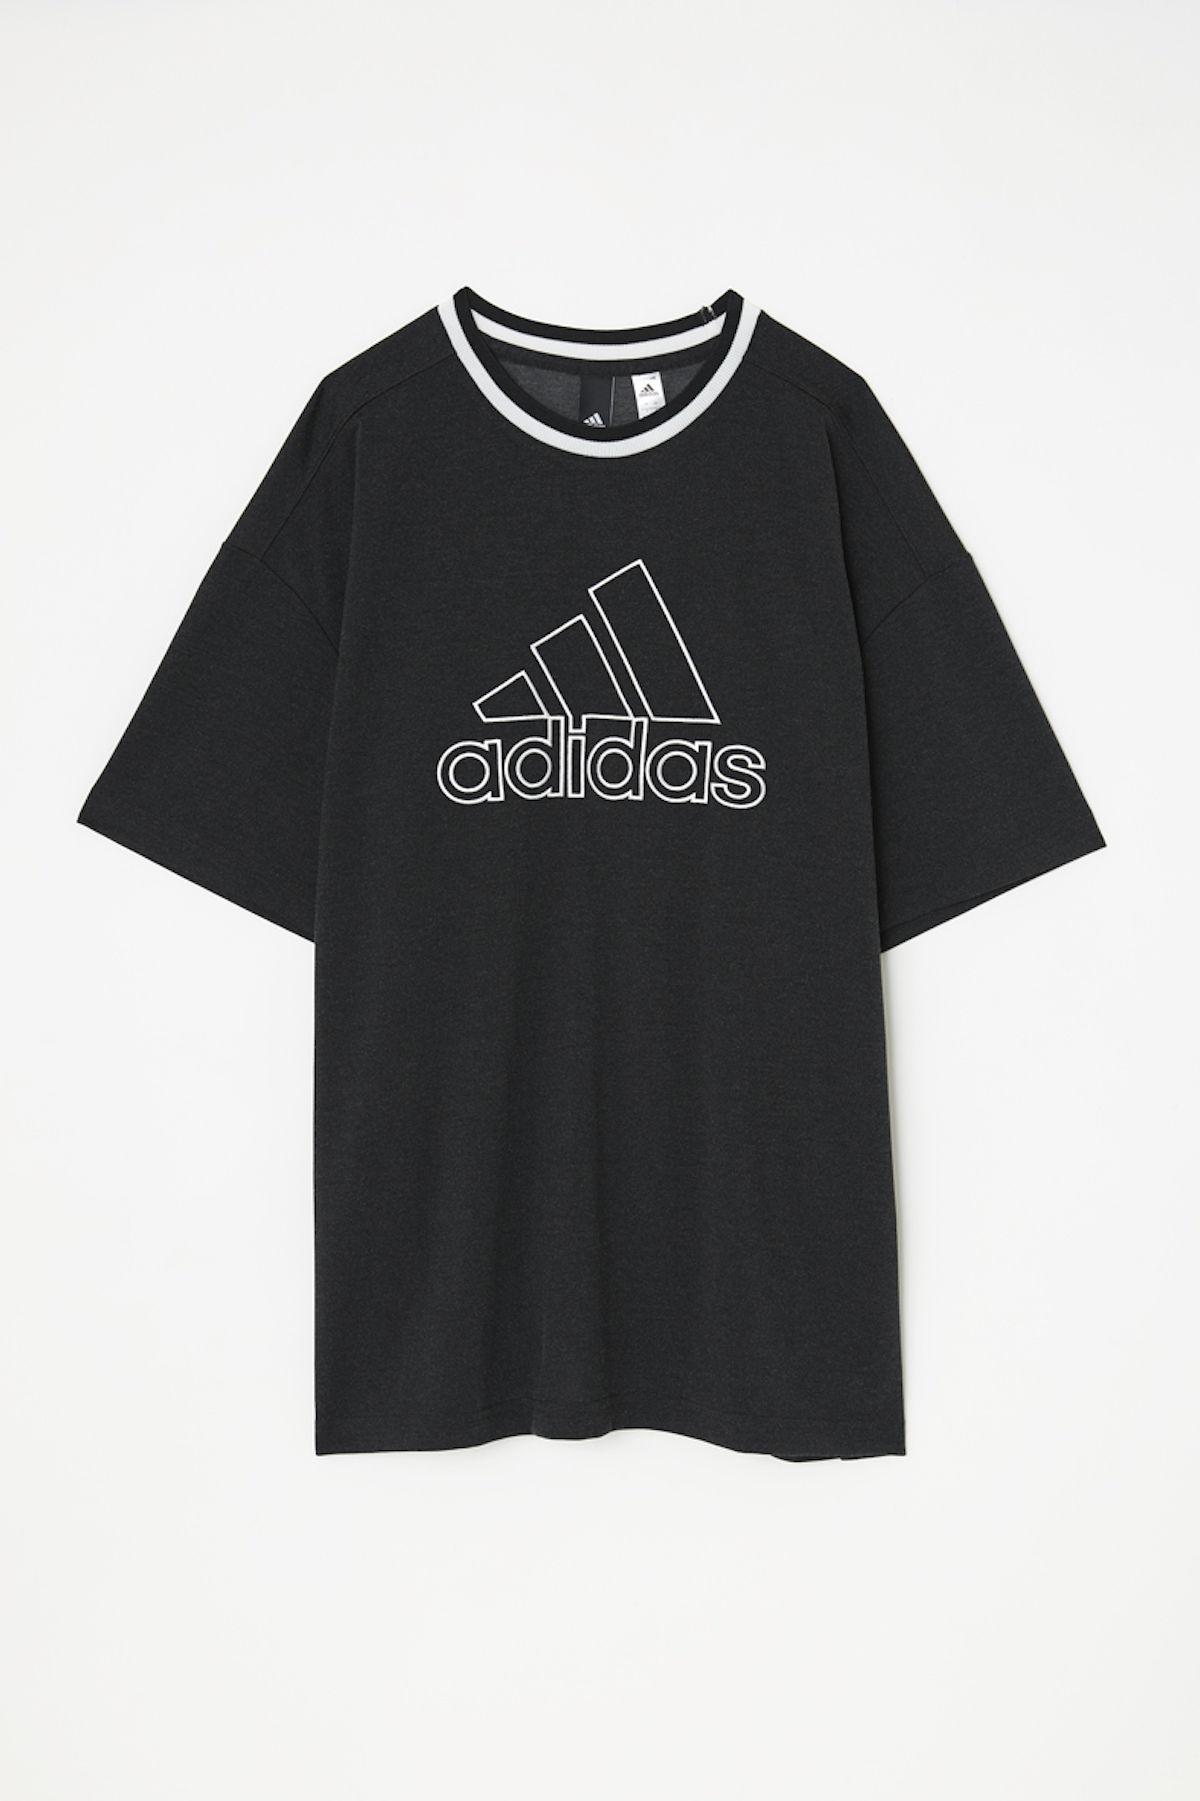 adidas×MOUSSY 第3弾コレクション発売決定!ファッションとスポーツの融合を体現したコレクション life180223_adidas_moussy_03-1200x1801